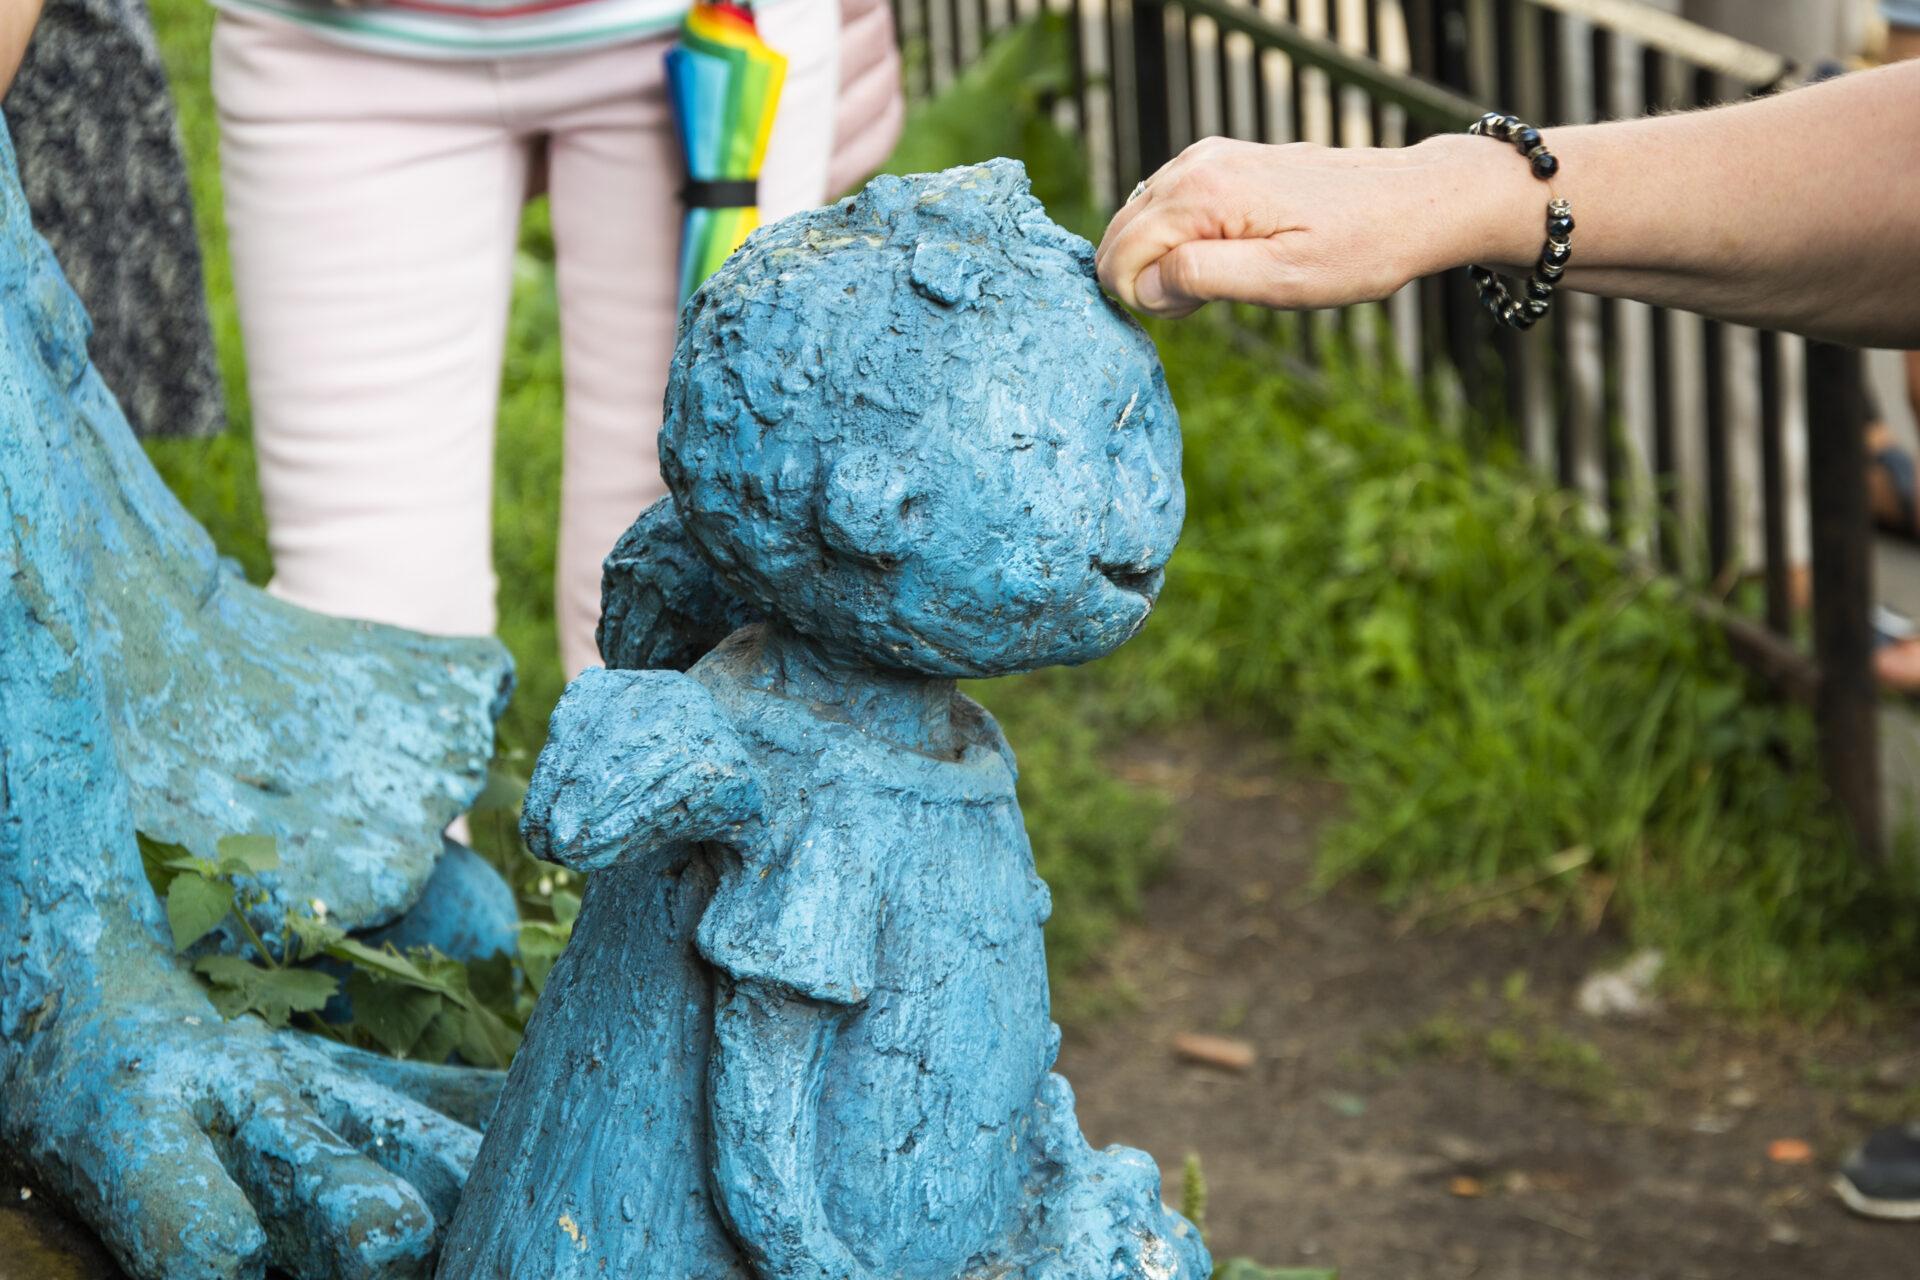 zwinięta wpięść dłoń stuka wczoło rzeźby anioła, anioł jest niebieski, pyzata twarz, uśmiech, ubrany wsukienkę